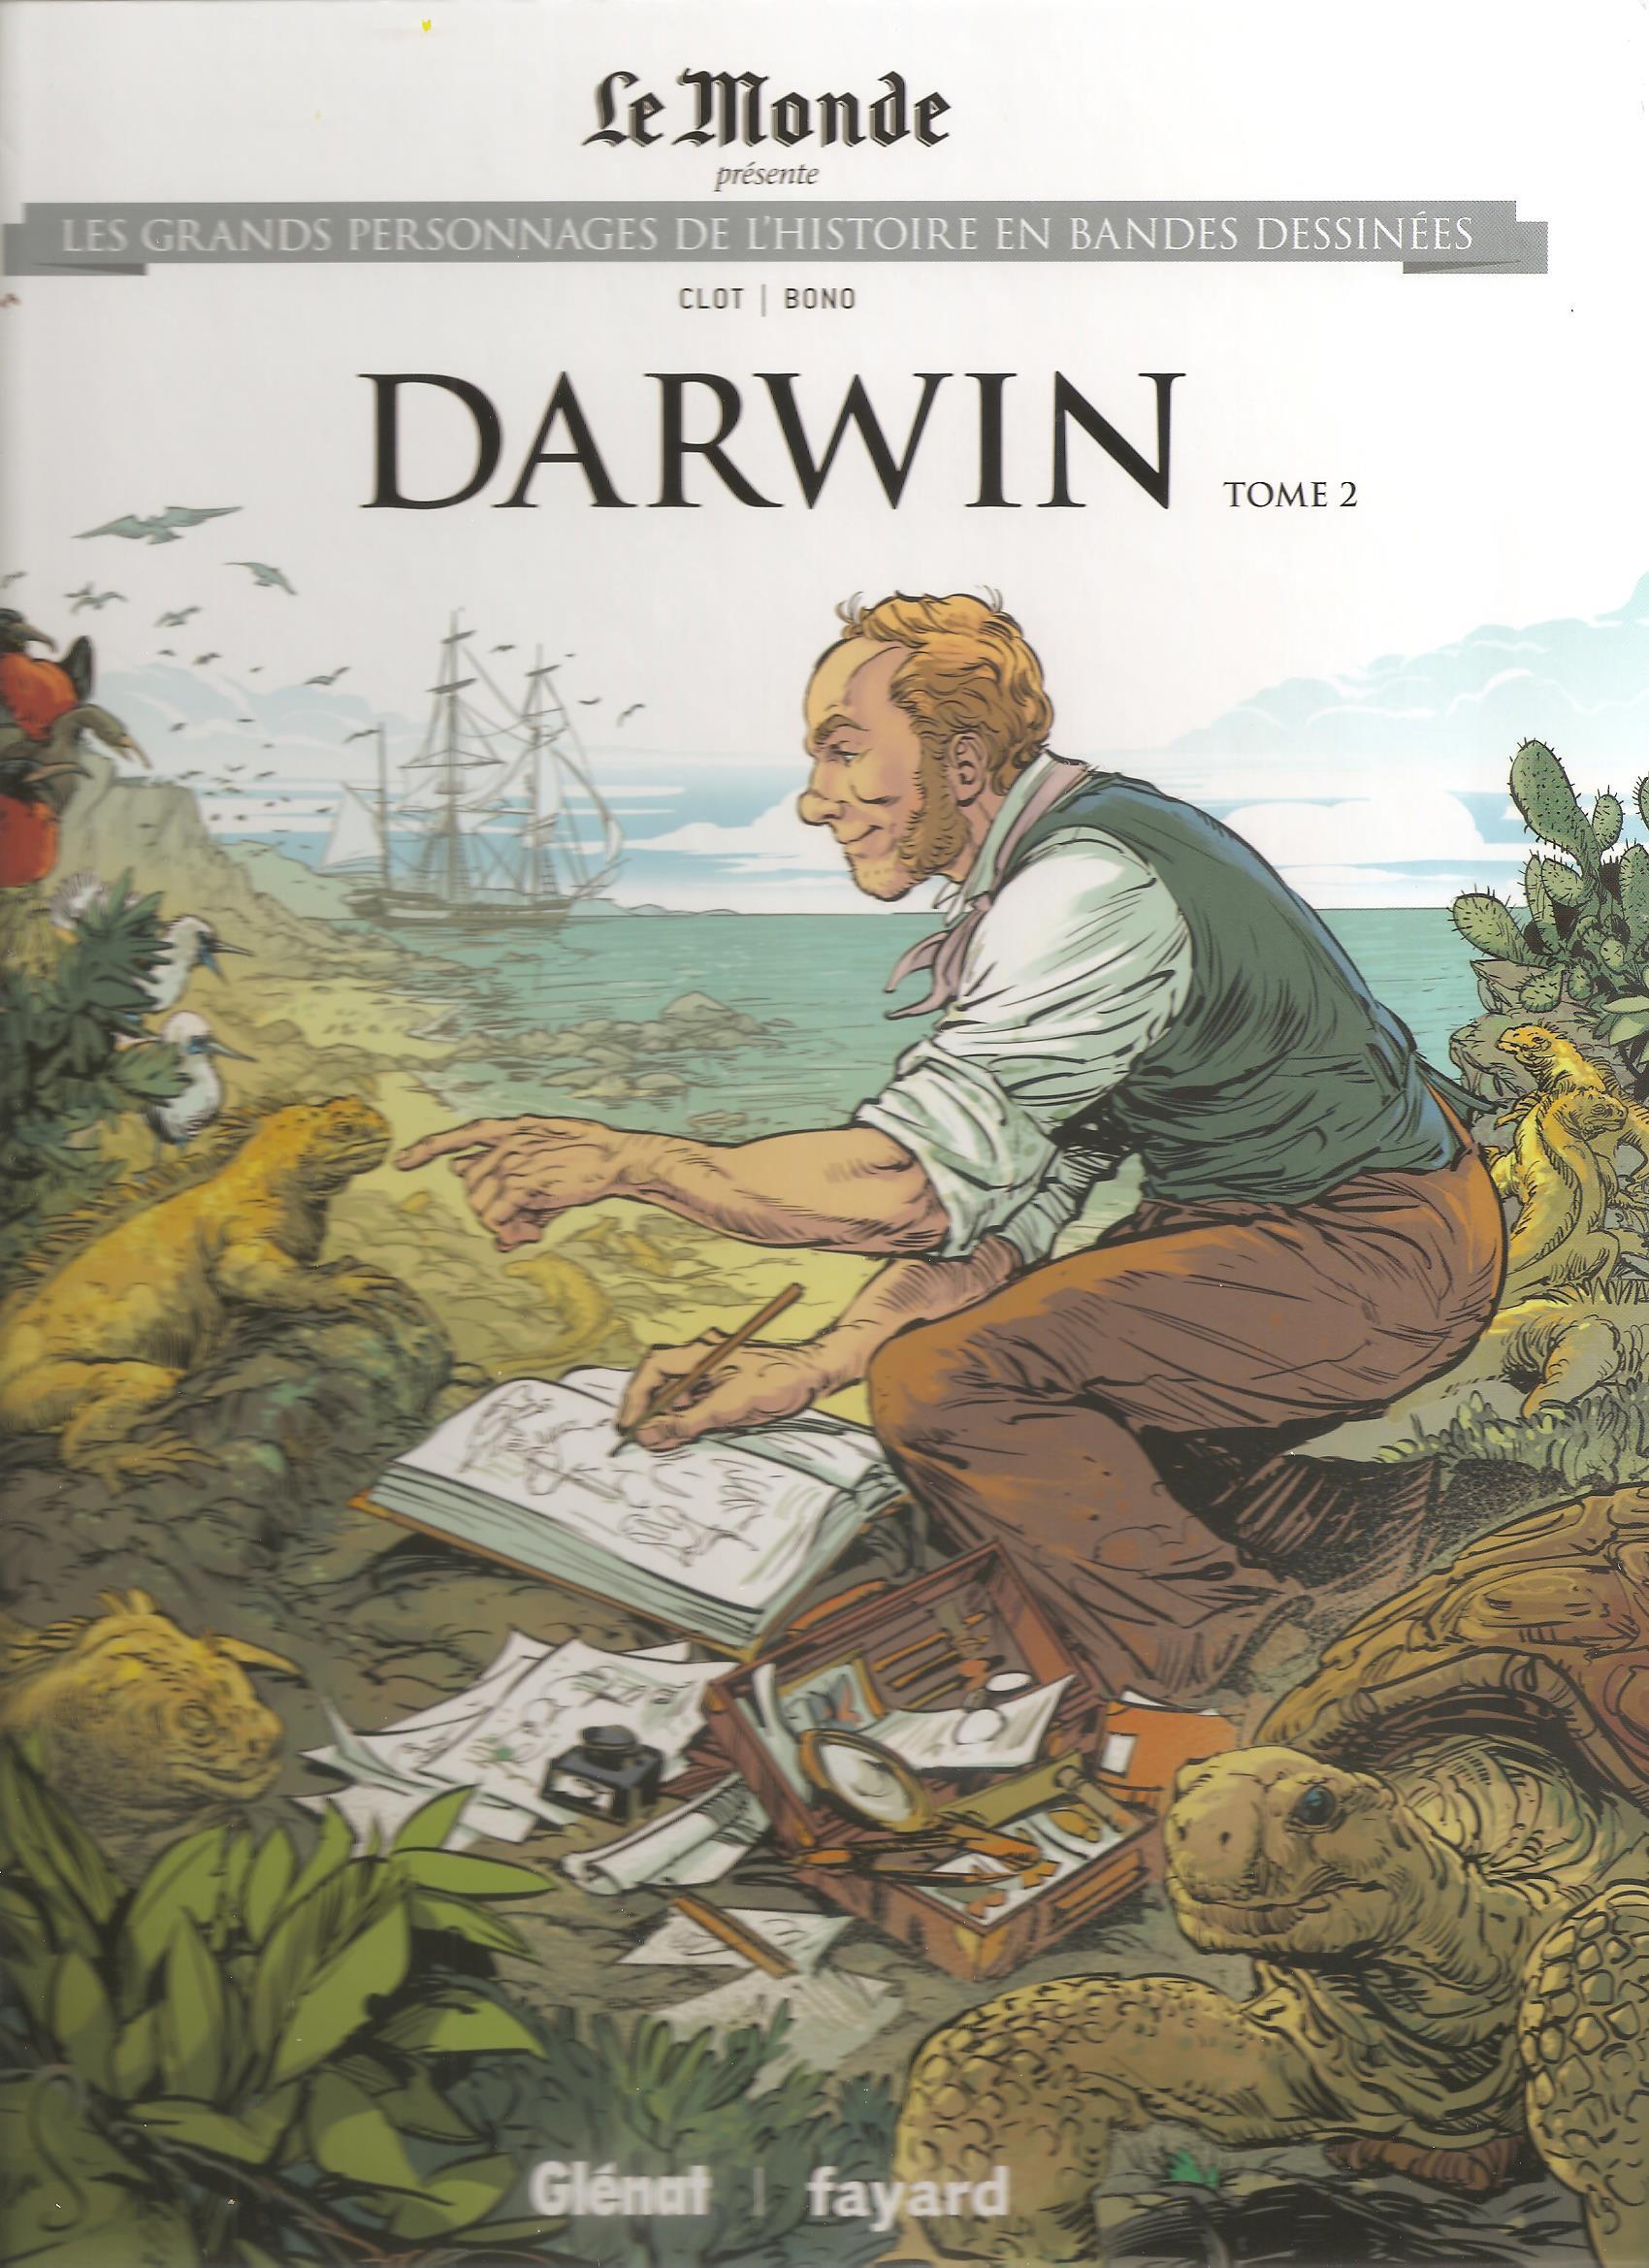 Les grands personnages de l'histoire en bandes dessinées 28 - DARWIN Tome 2